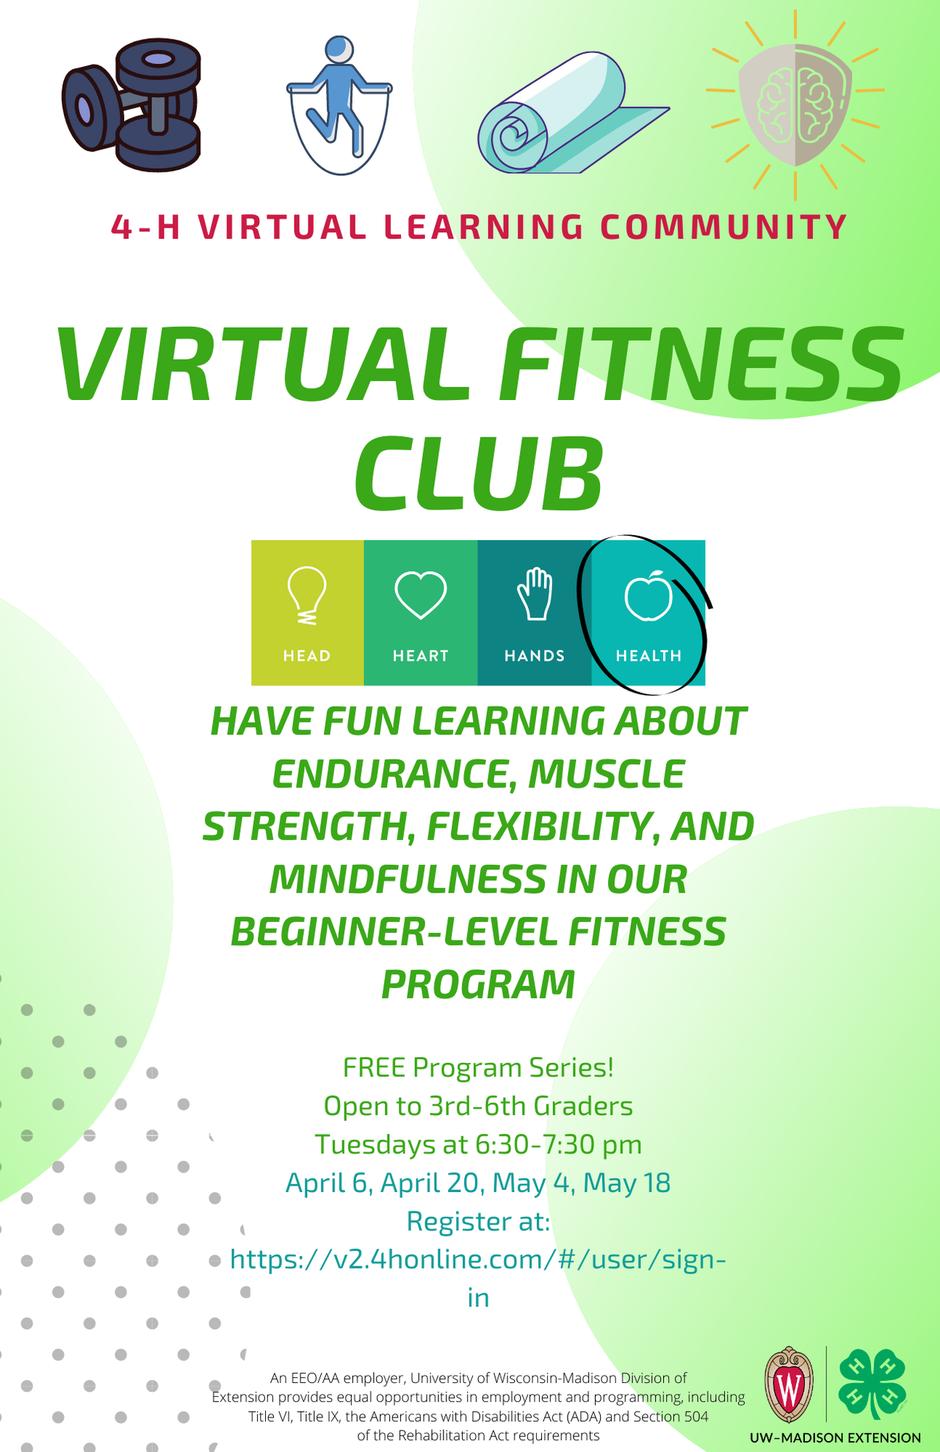 Virtual Fitness Club